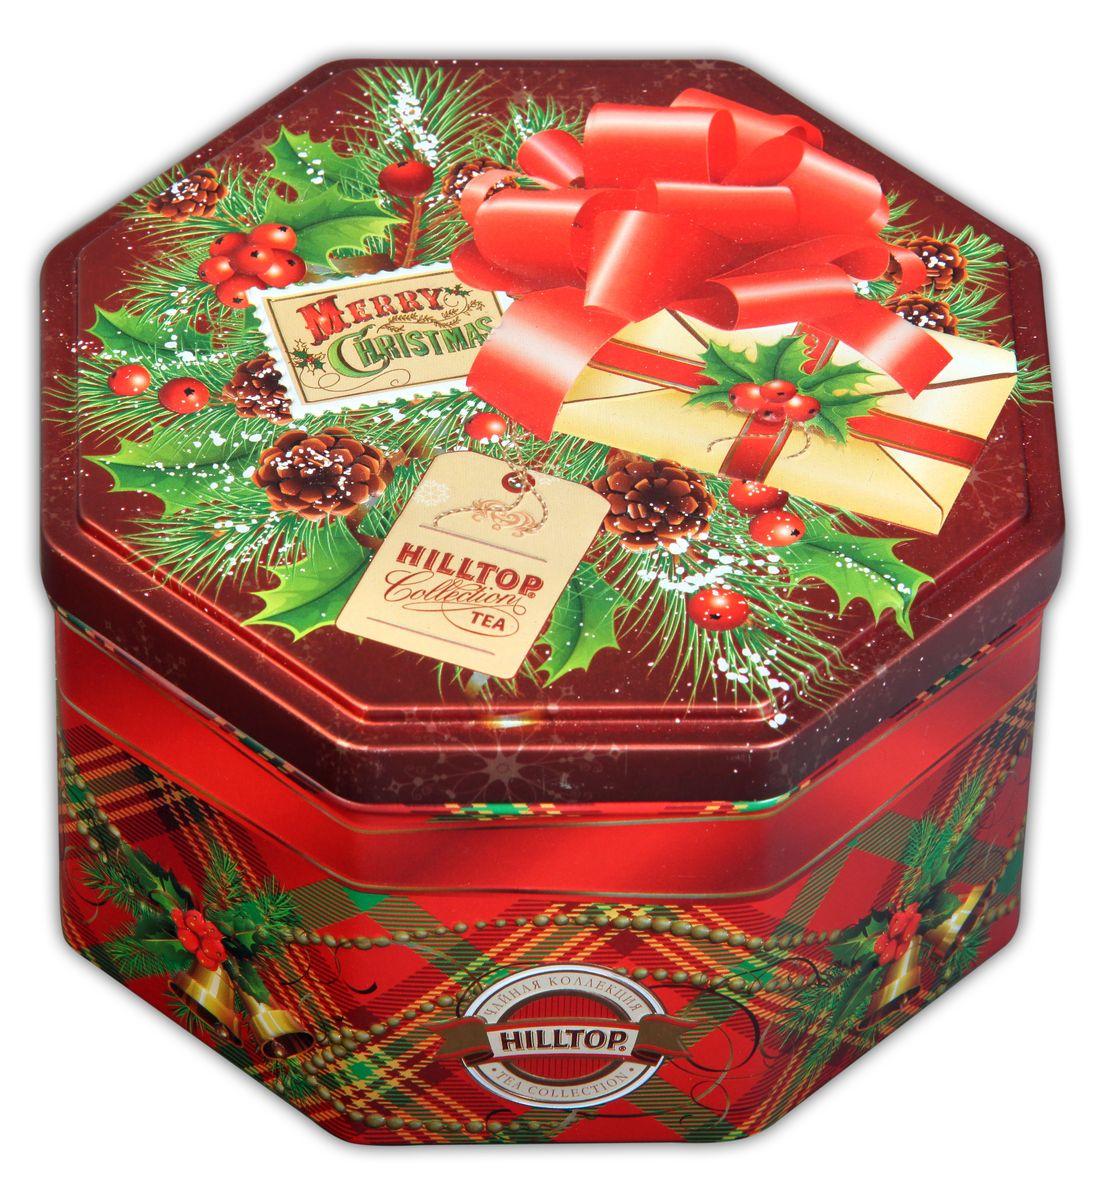 Hilltop С Рождеством Праздничный черный листовой чай, 150 г4607099302914Hilltop С Рождеством - крупнолистовой черный чай с цветами календулы и василька. Содержит сладкие цукаты манго и банана